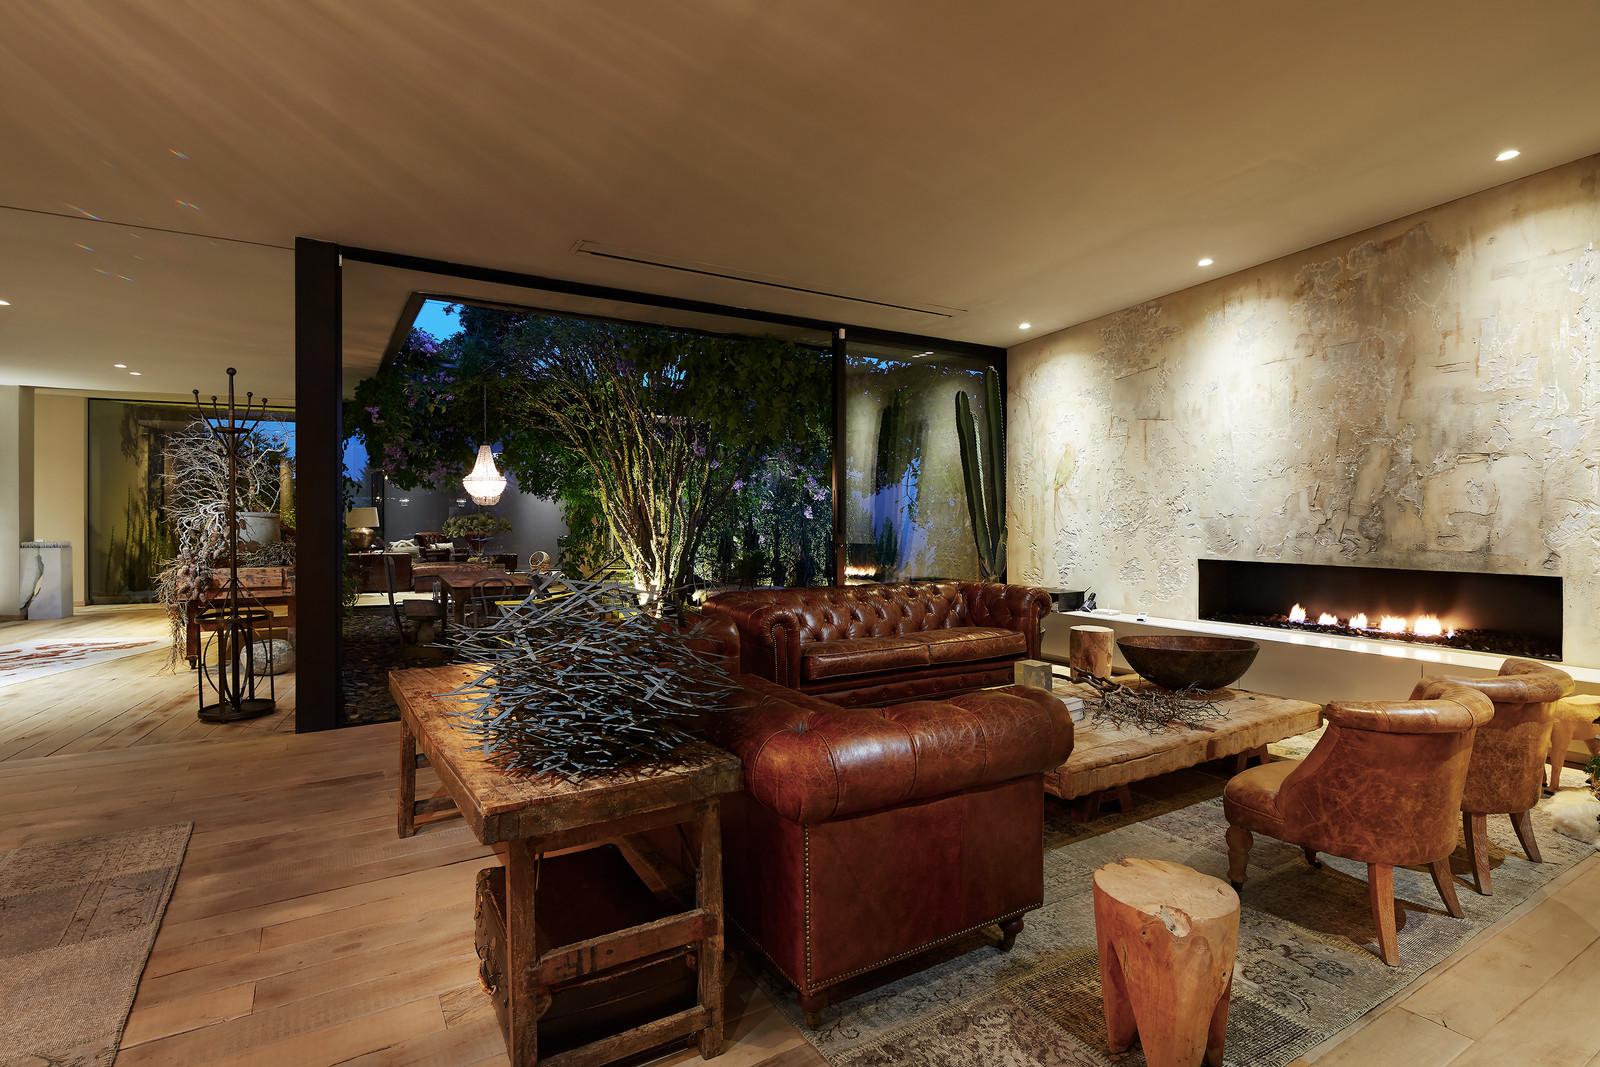 Interiores de casas lujosas best decoracion de interiores for Decoracion de interiores medellin